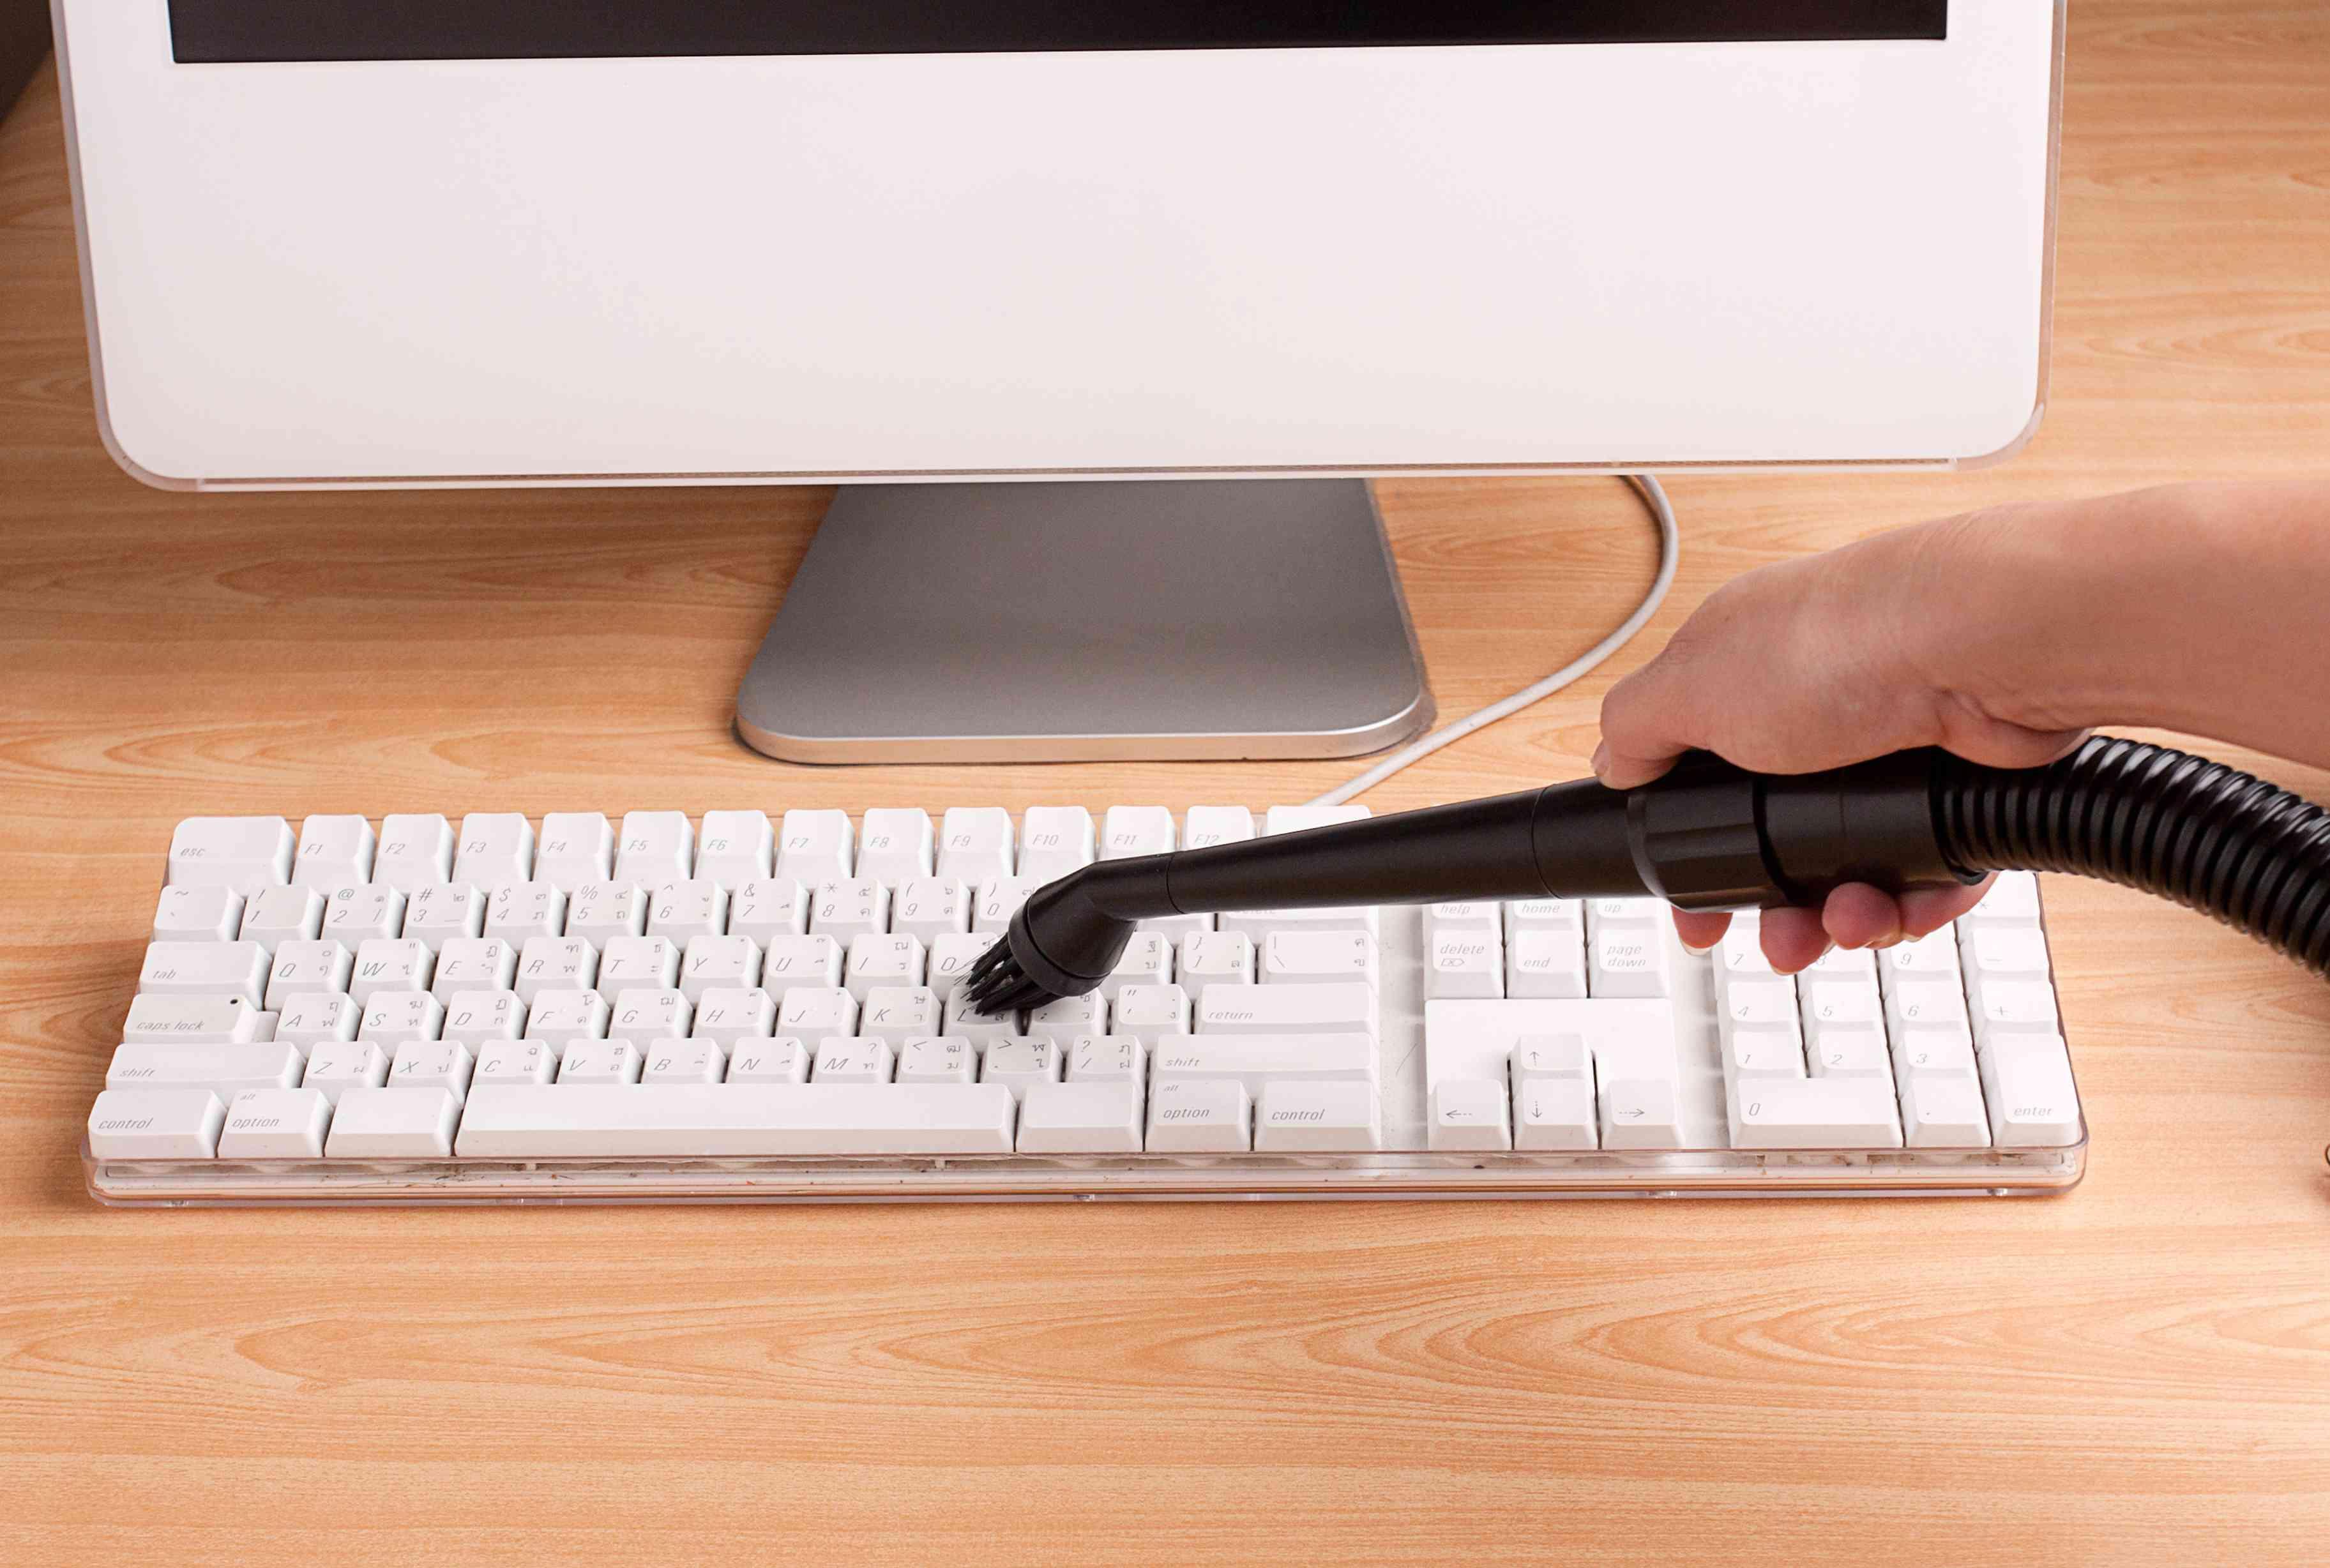 Handheld vacuum used to clean a keyboard